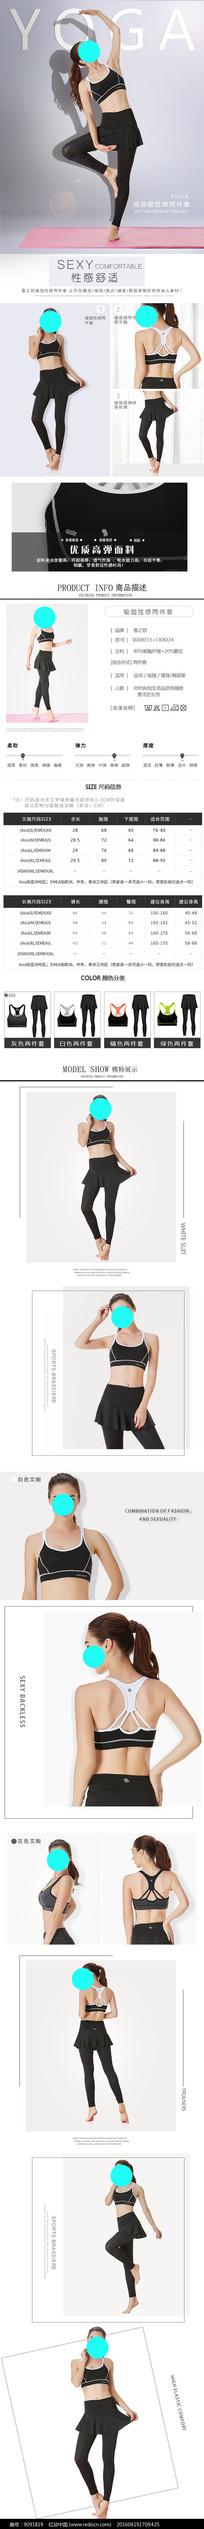 简易淘宝瑜伽服女装详情页模板